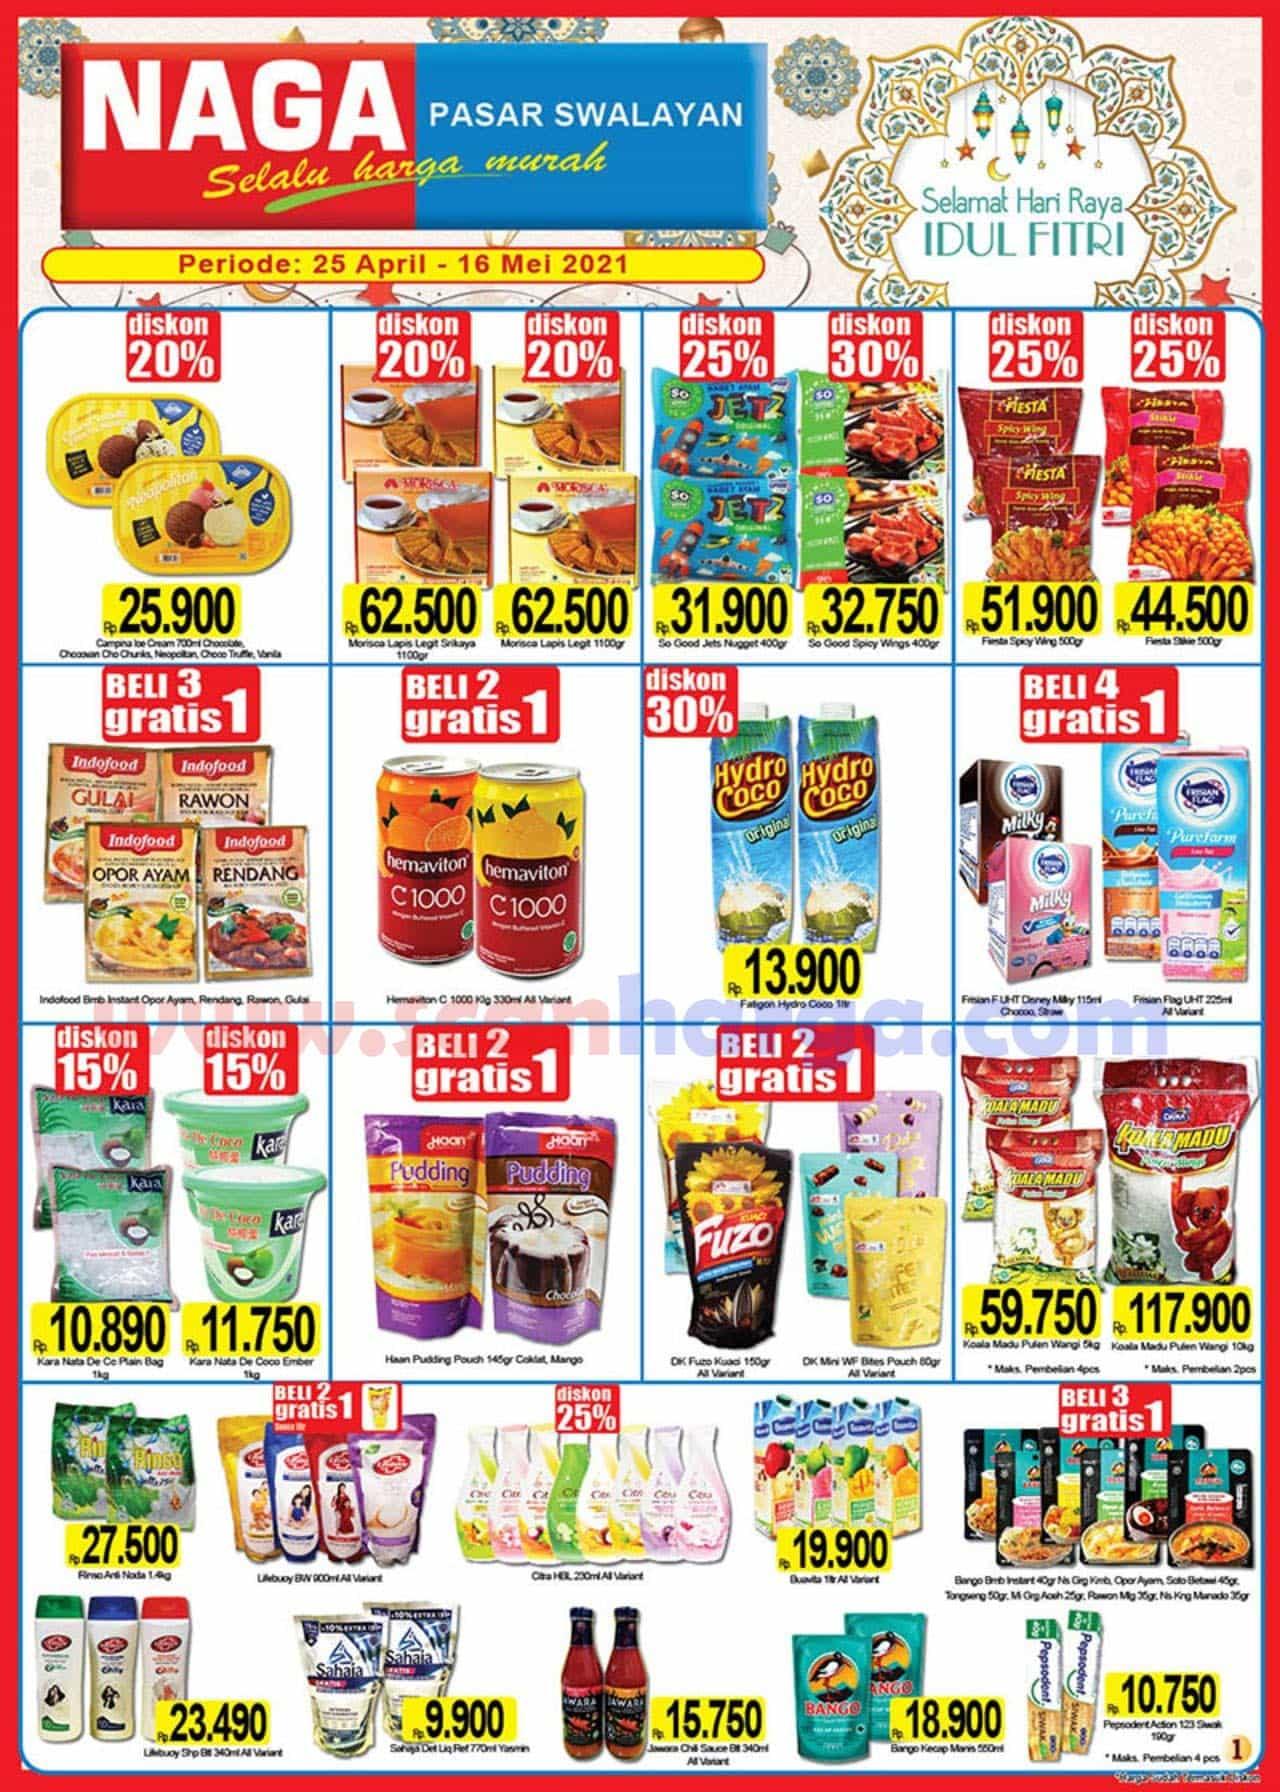 Katalog Promo Naga Pasar Swalayan 25 April - 16 Mei 2021 1